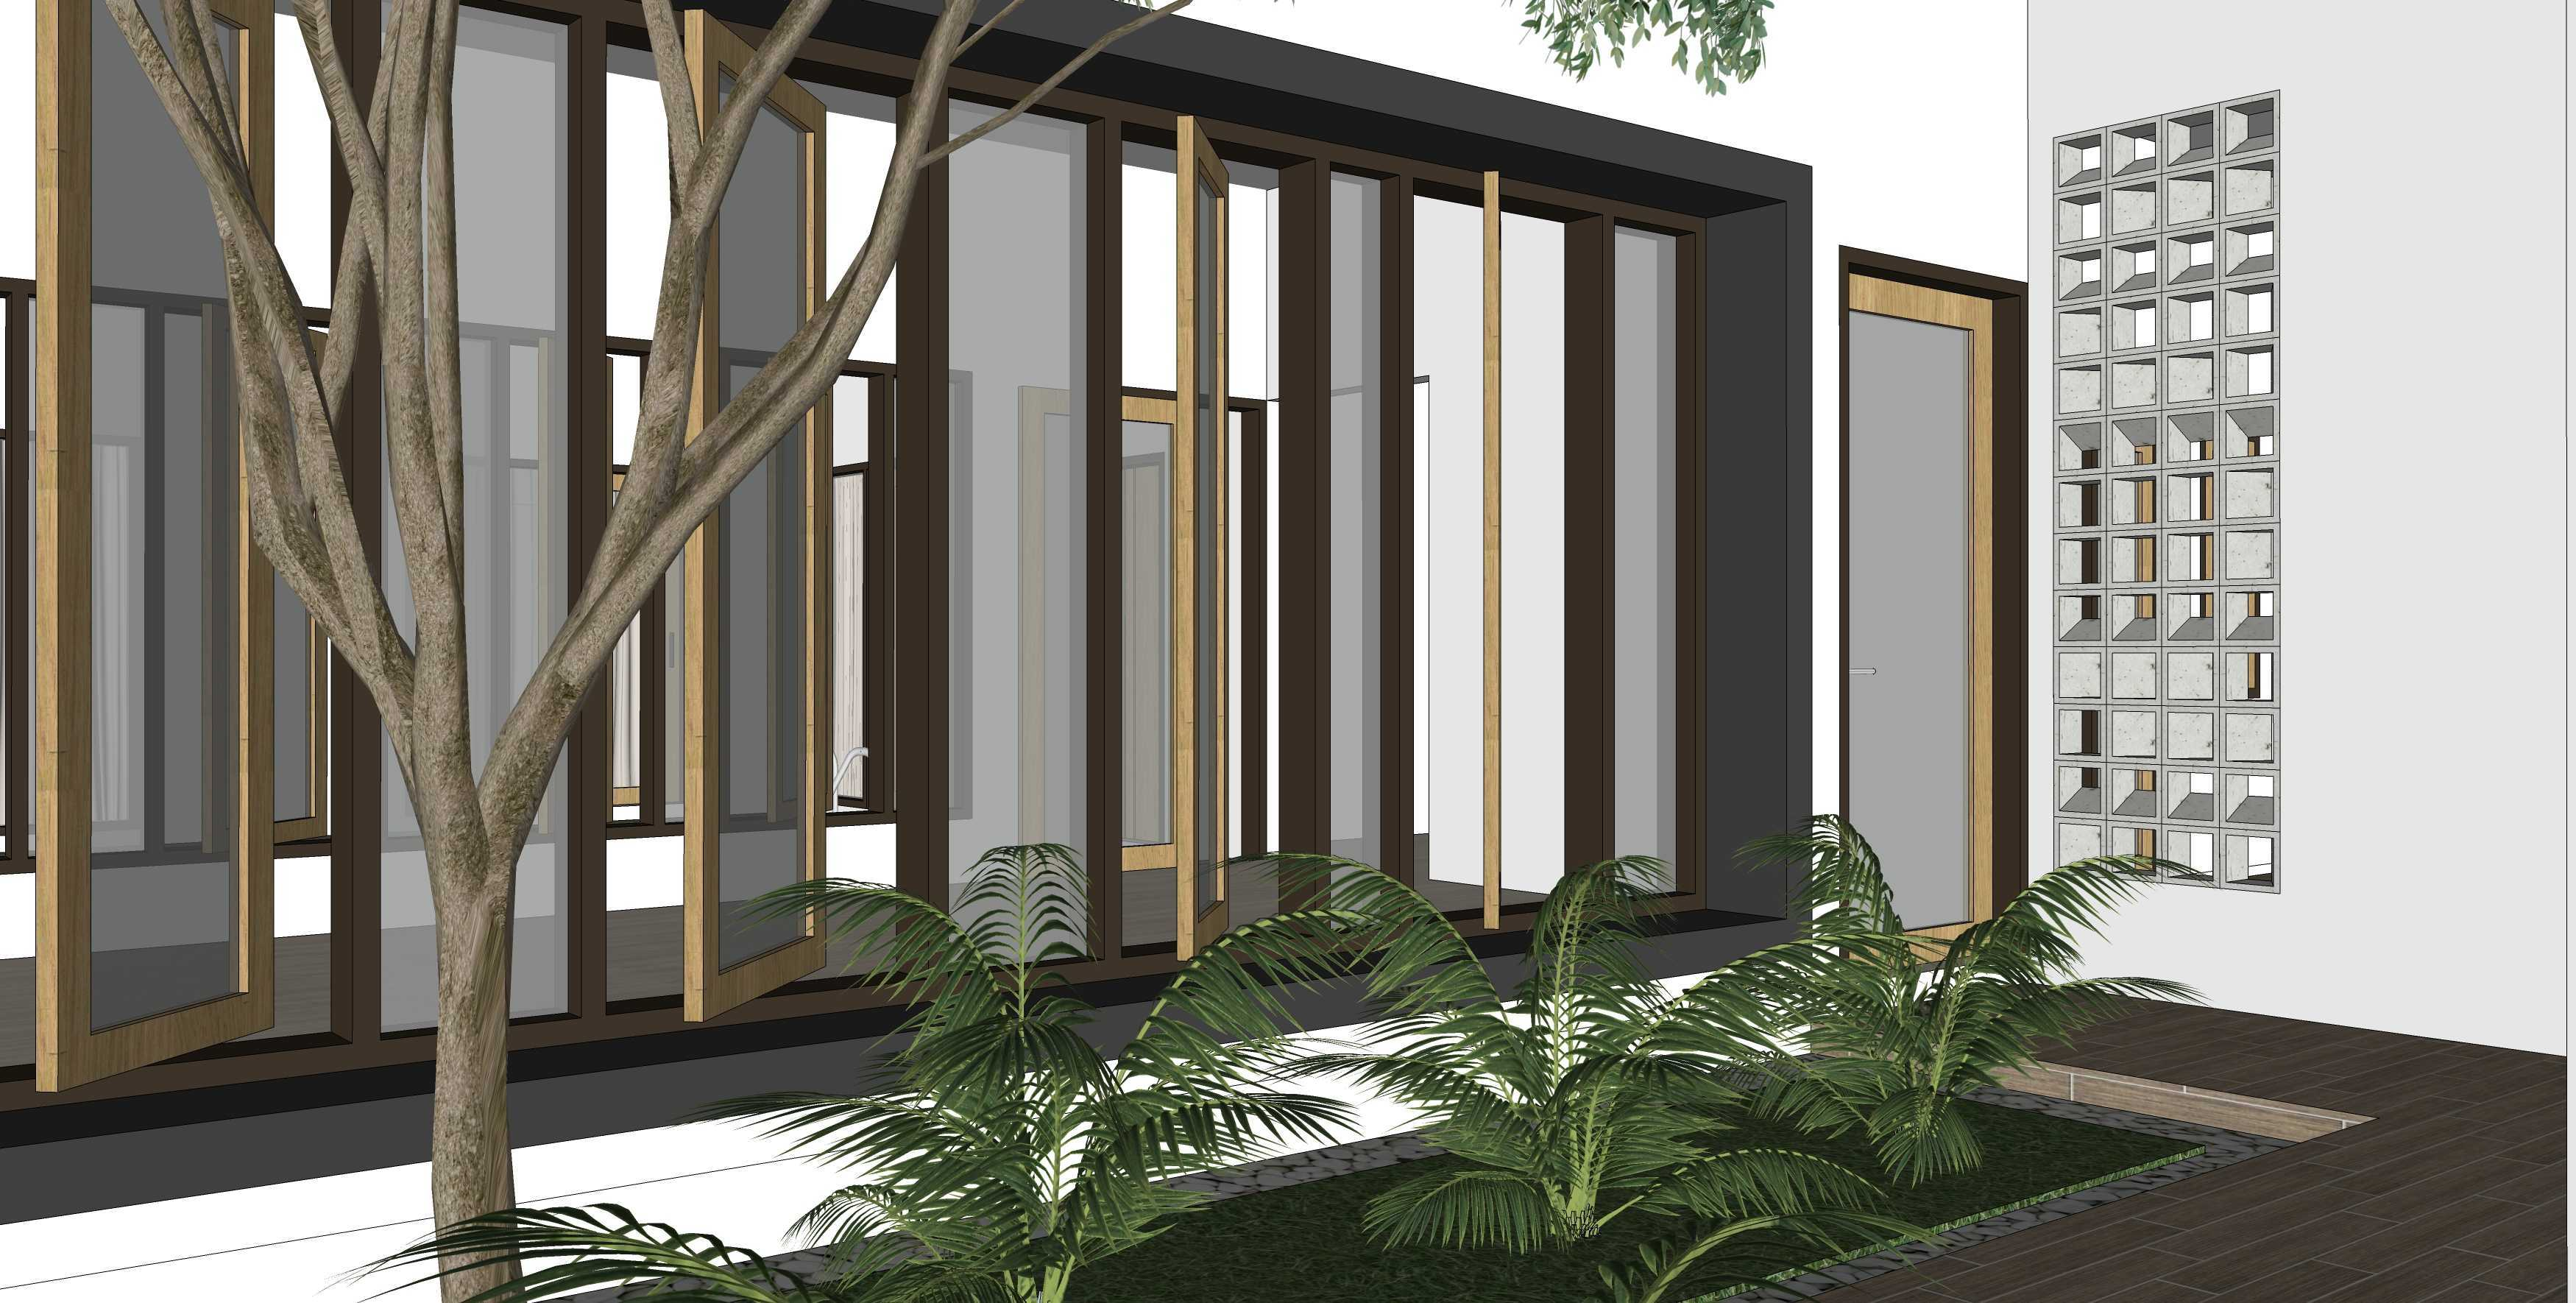 Miv Architects (Muhammad Ikhsan Hamiru, St., Iai & Partners) Oemah Ema Kabupaten Bantaeng, Sulawesi Selatan, Indonesia Kabupaten Bantaeng, Sulawesi Selatan, Indonesia Oemah Ema Minimalis  42356